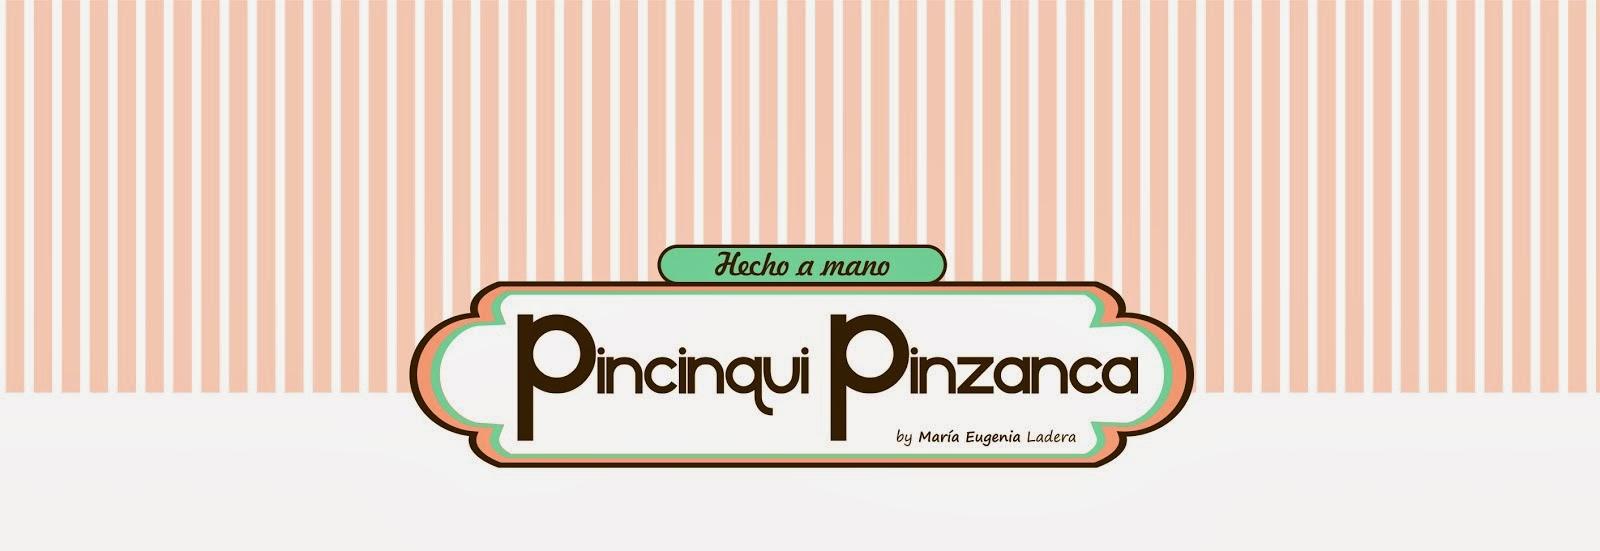 Pincinqui Pinzanca